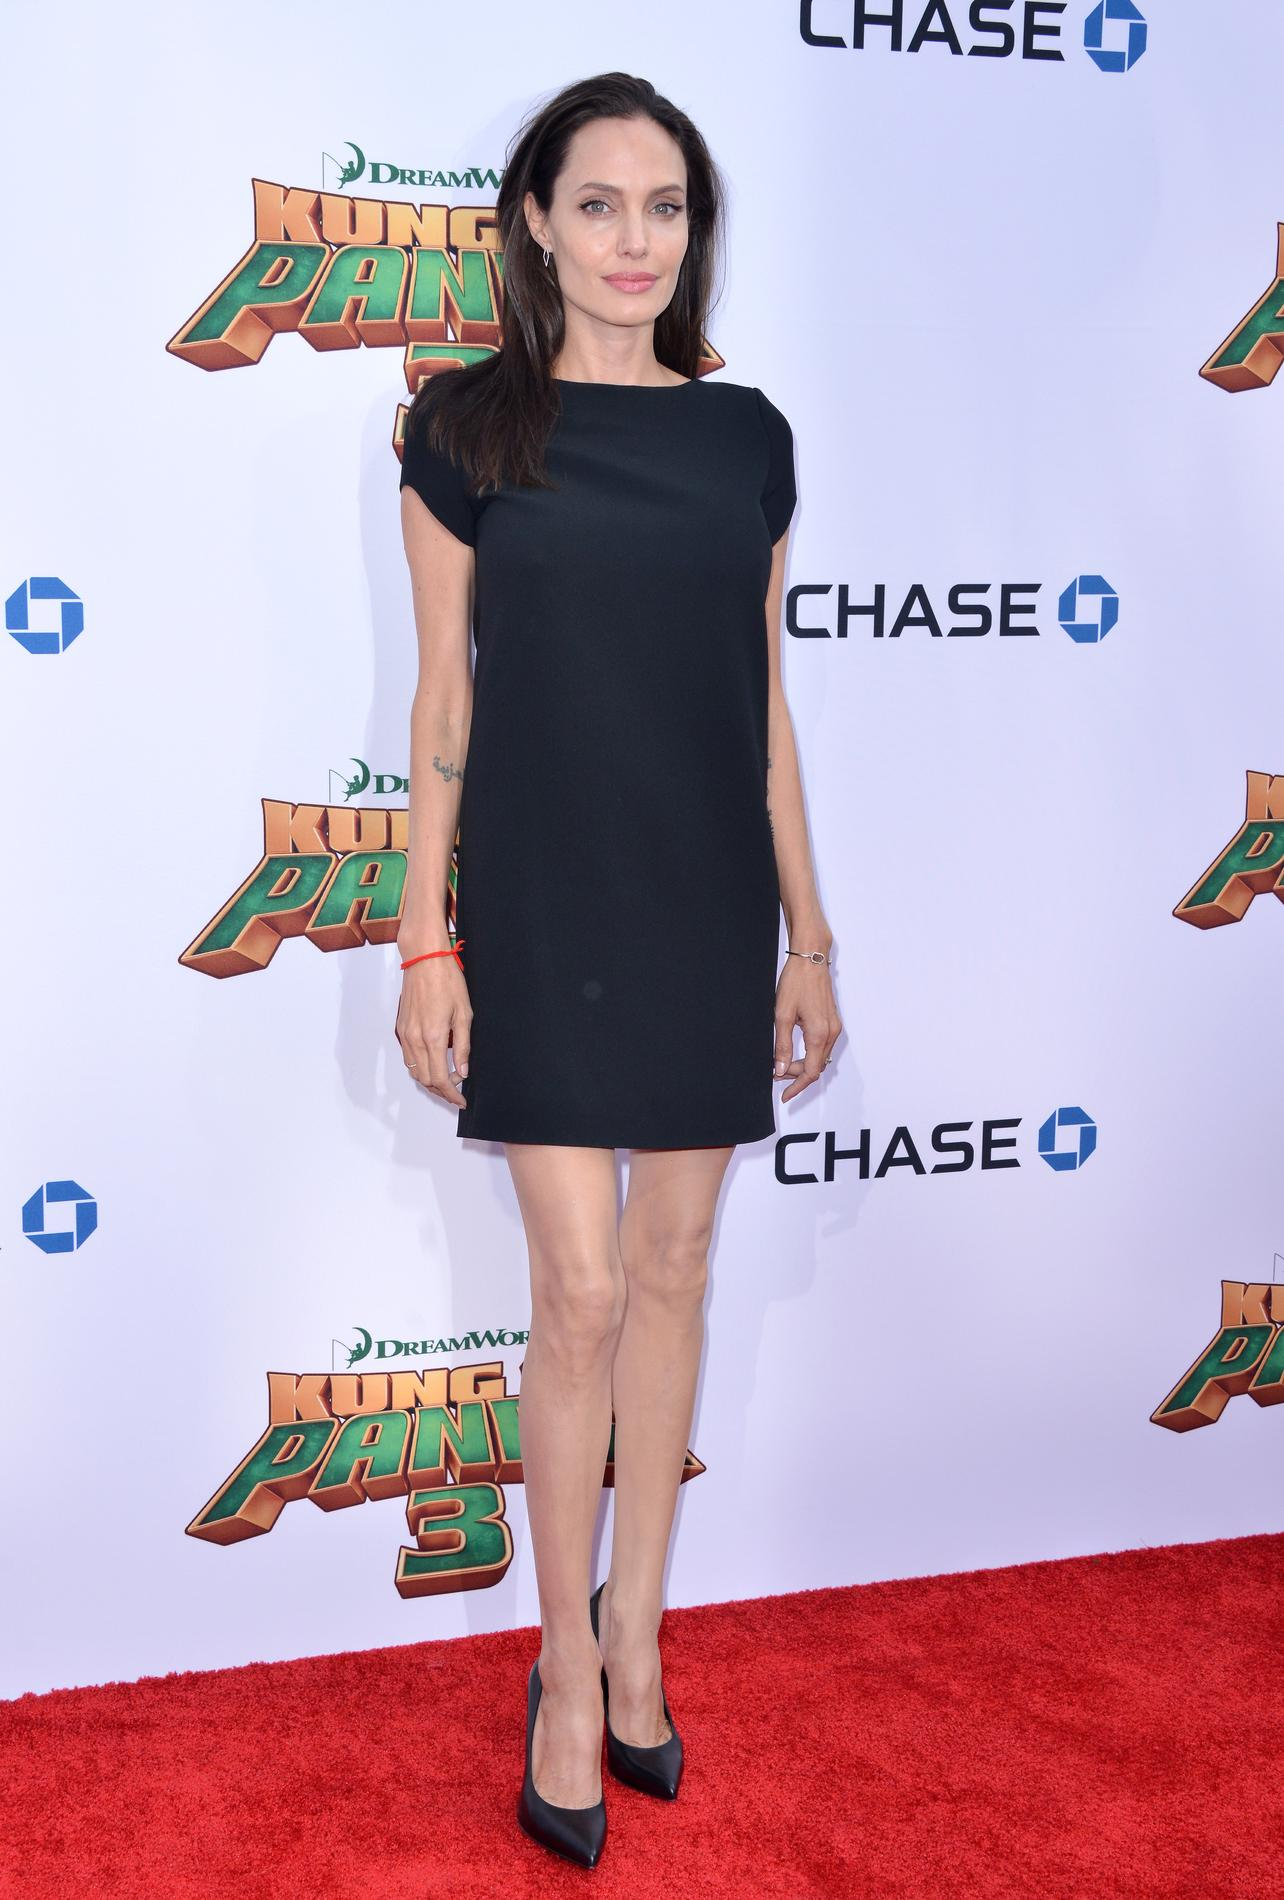 Angelina Jolie Anorexique Photo faut-il s'inquiéter de la maigreur d'angelina jolie ? - madame figaro